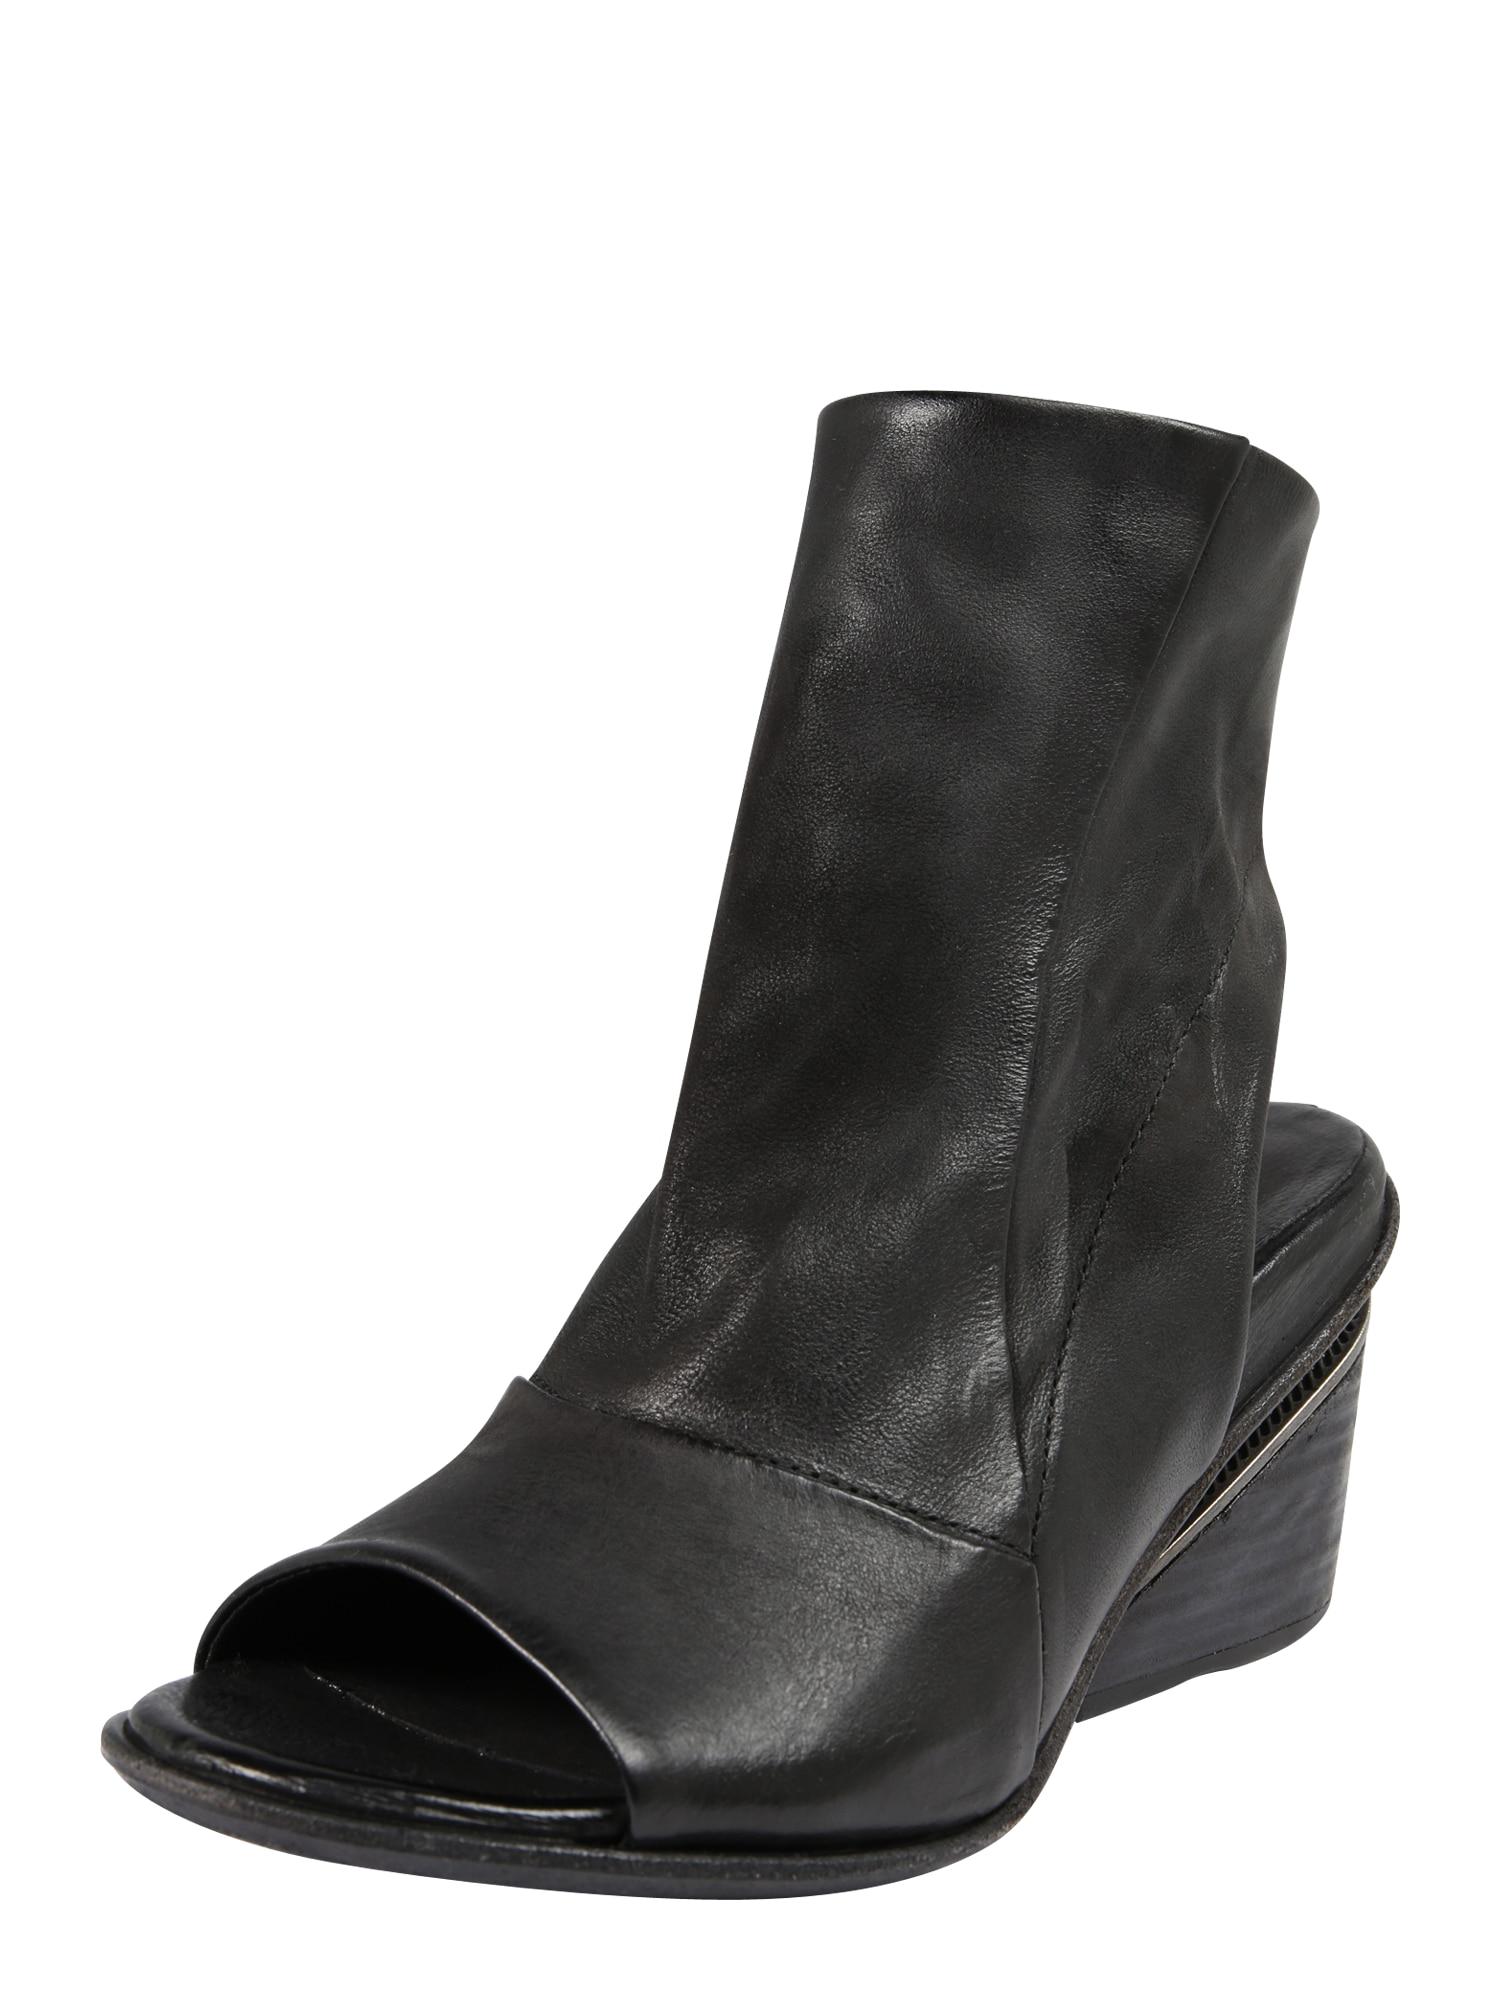 Nízké kozačky Stiefelette REY černá A.S.98